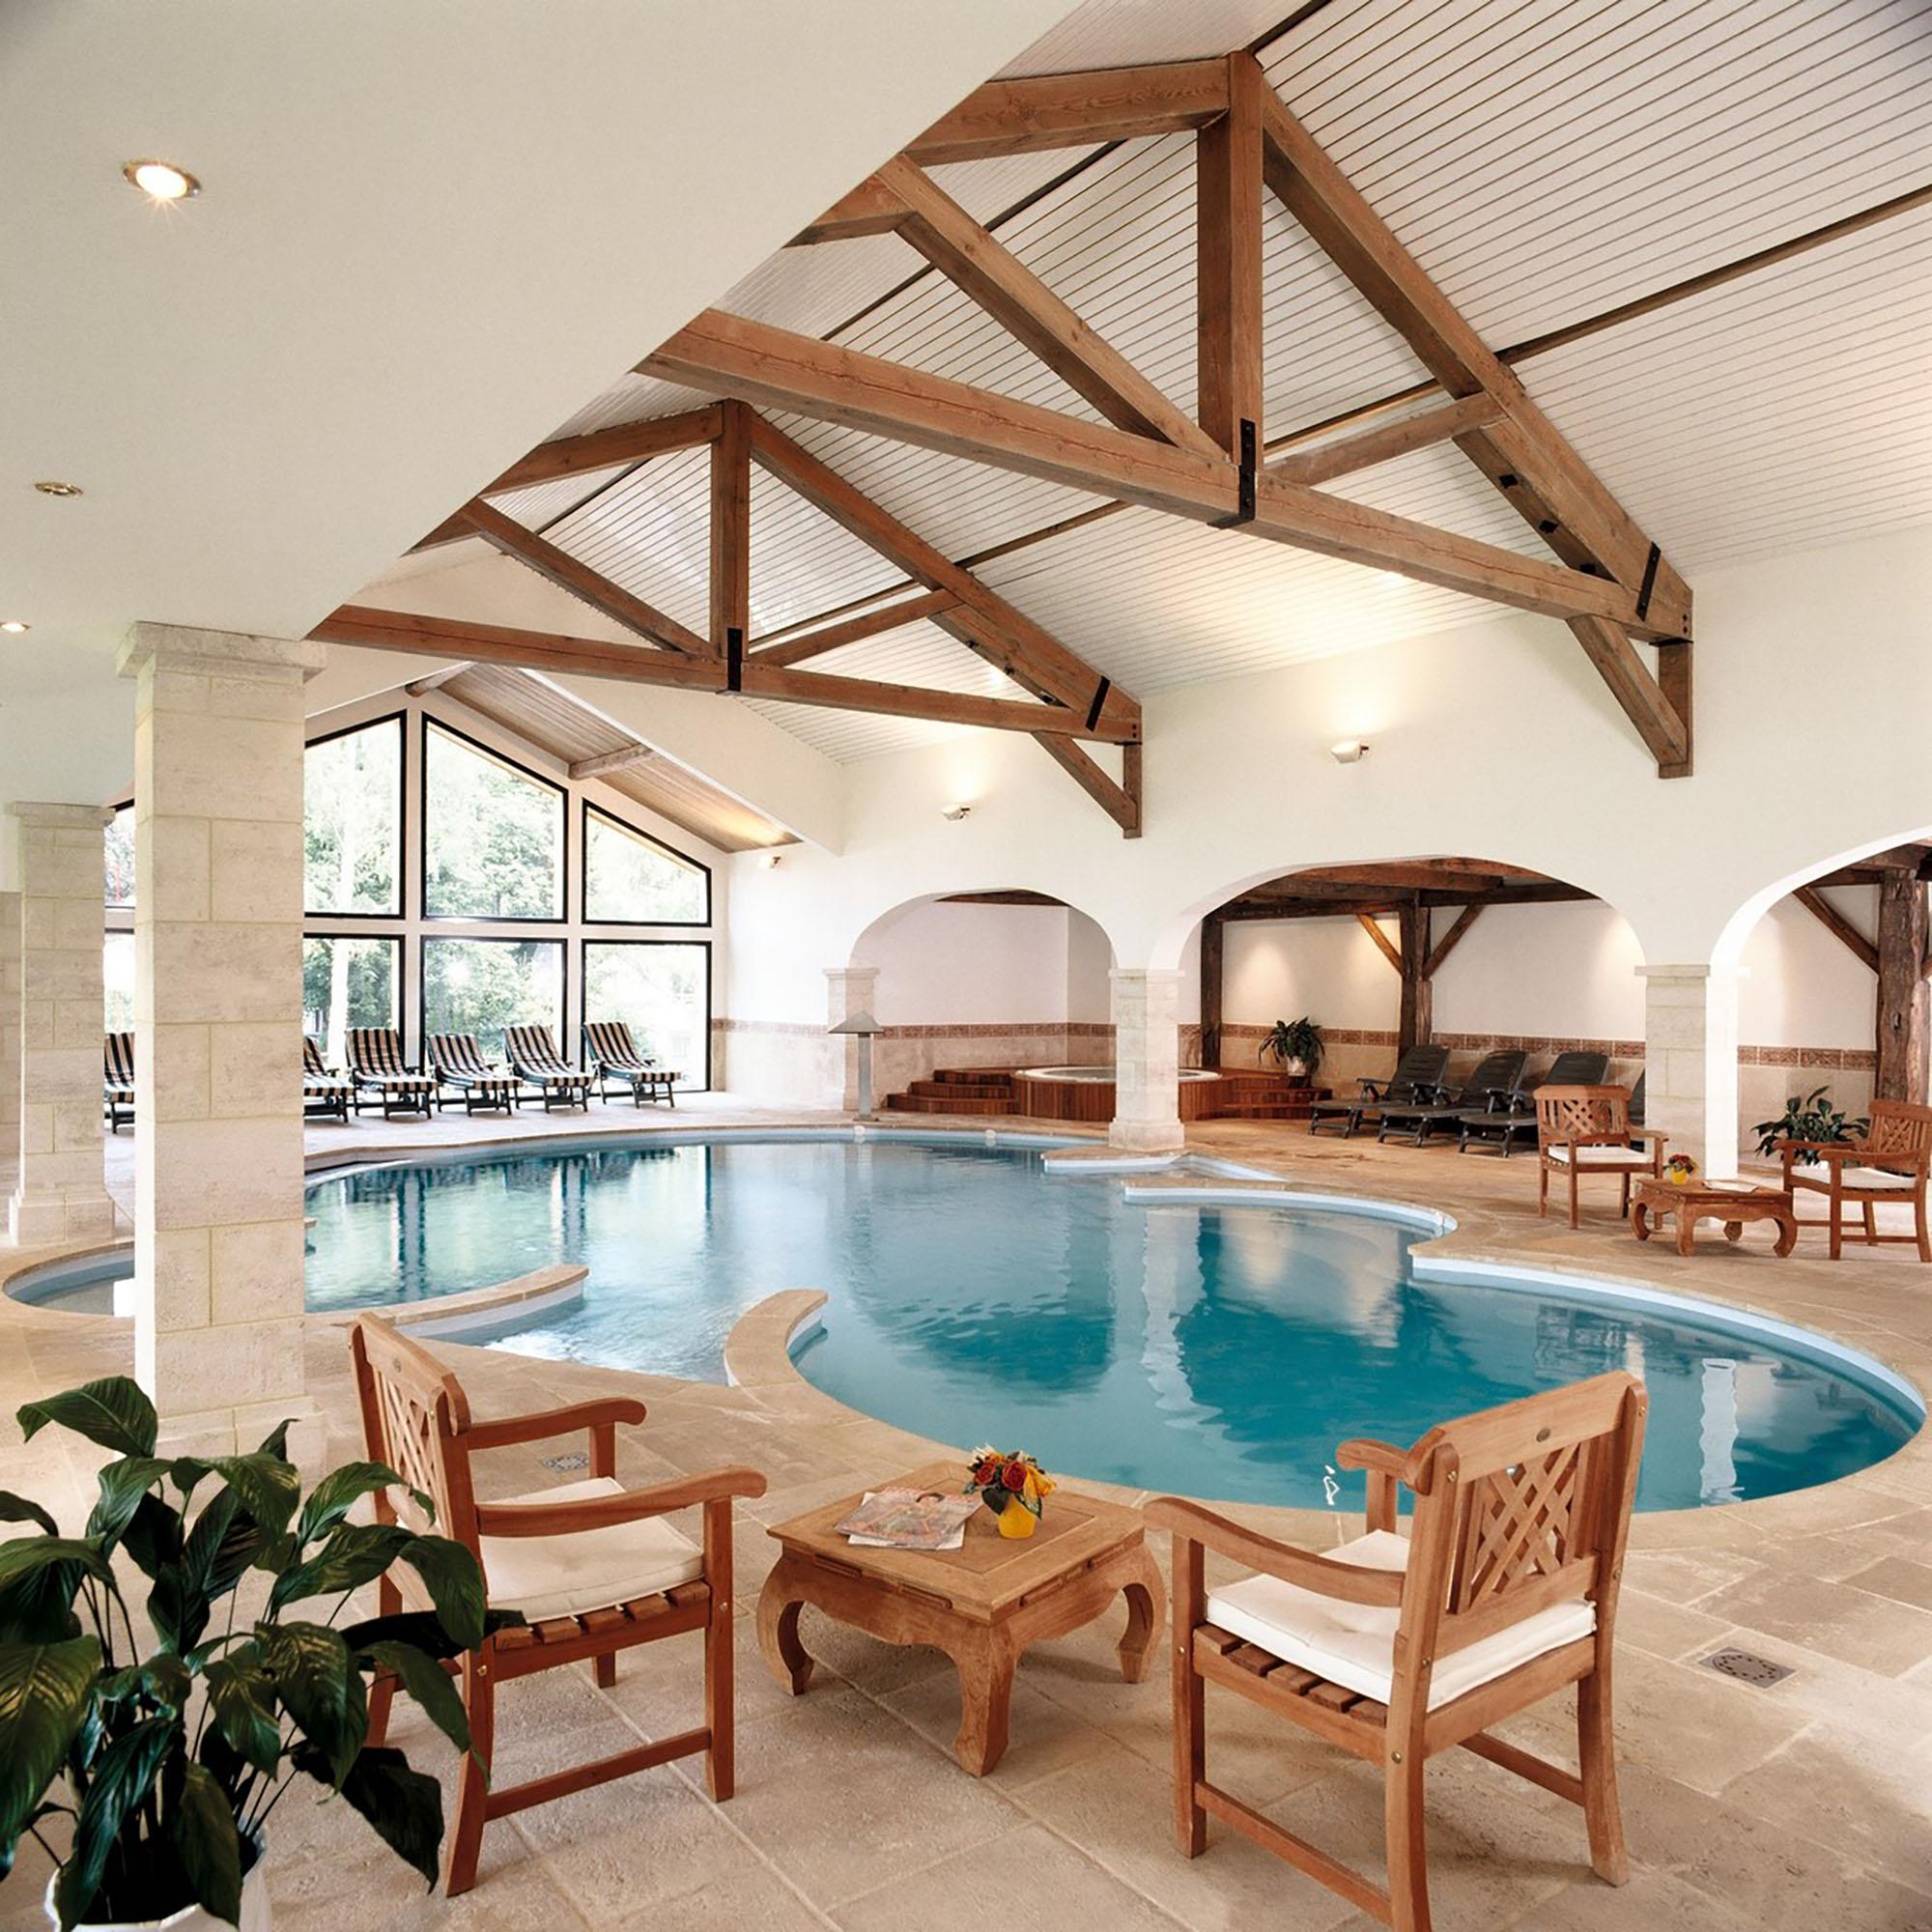 Espace détente avec deux chaise et une petite table d'un coter de la piscine et deux autres chaise avec une petite de l'autre coter de la piscine